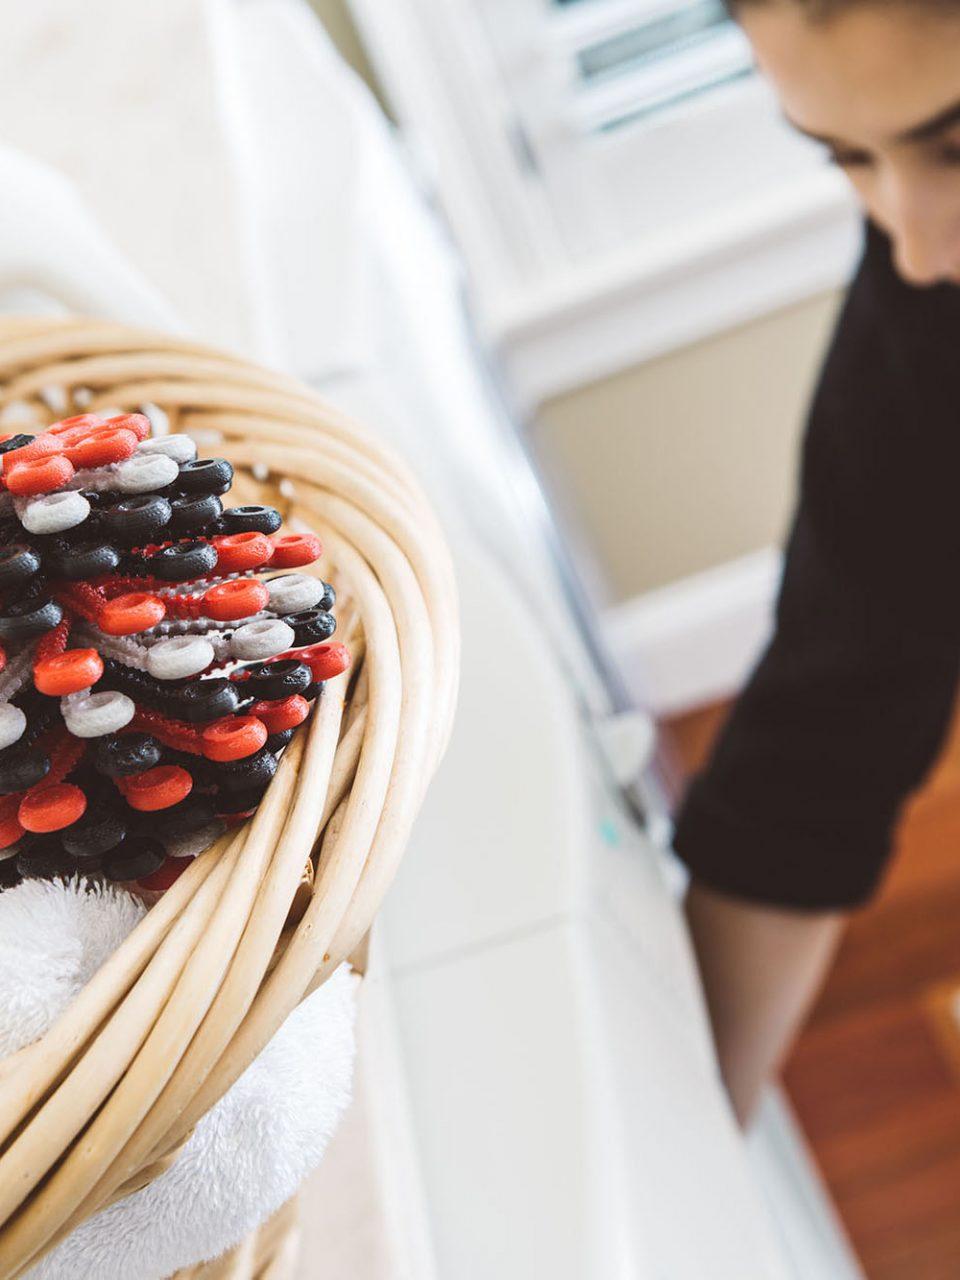 Der kleine Wäscheball soll mithelfen, Kunststofffasern nicht in den Abfluss gelangen zu lassen – Foto: © Cora Ball